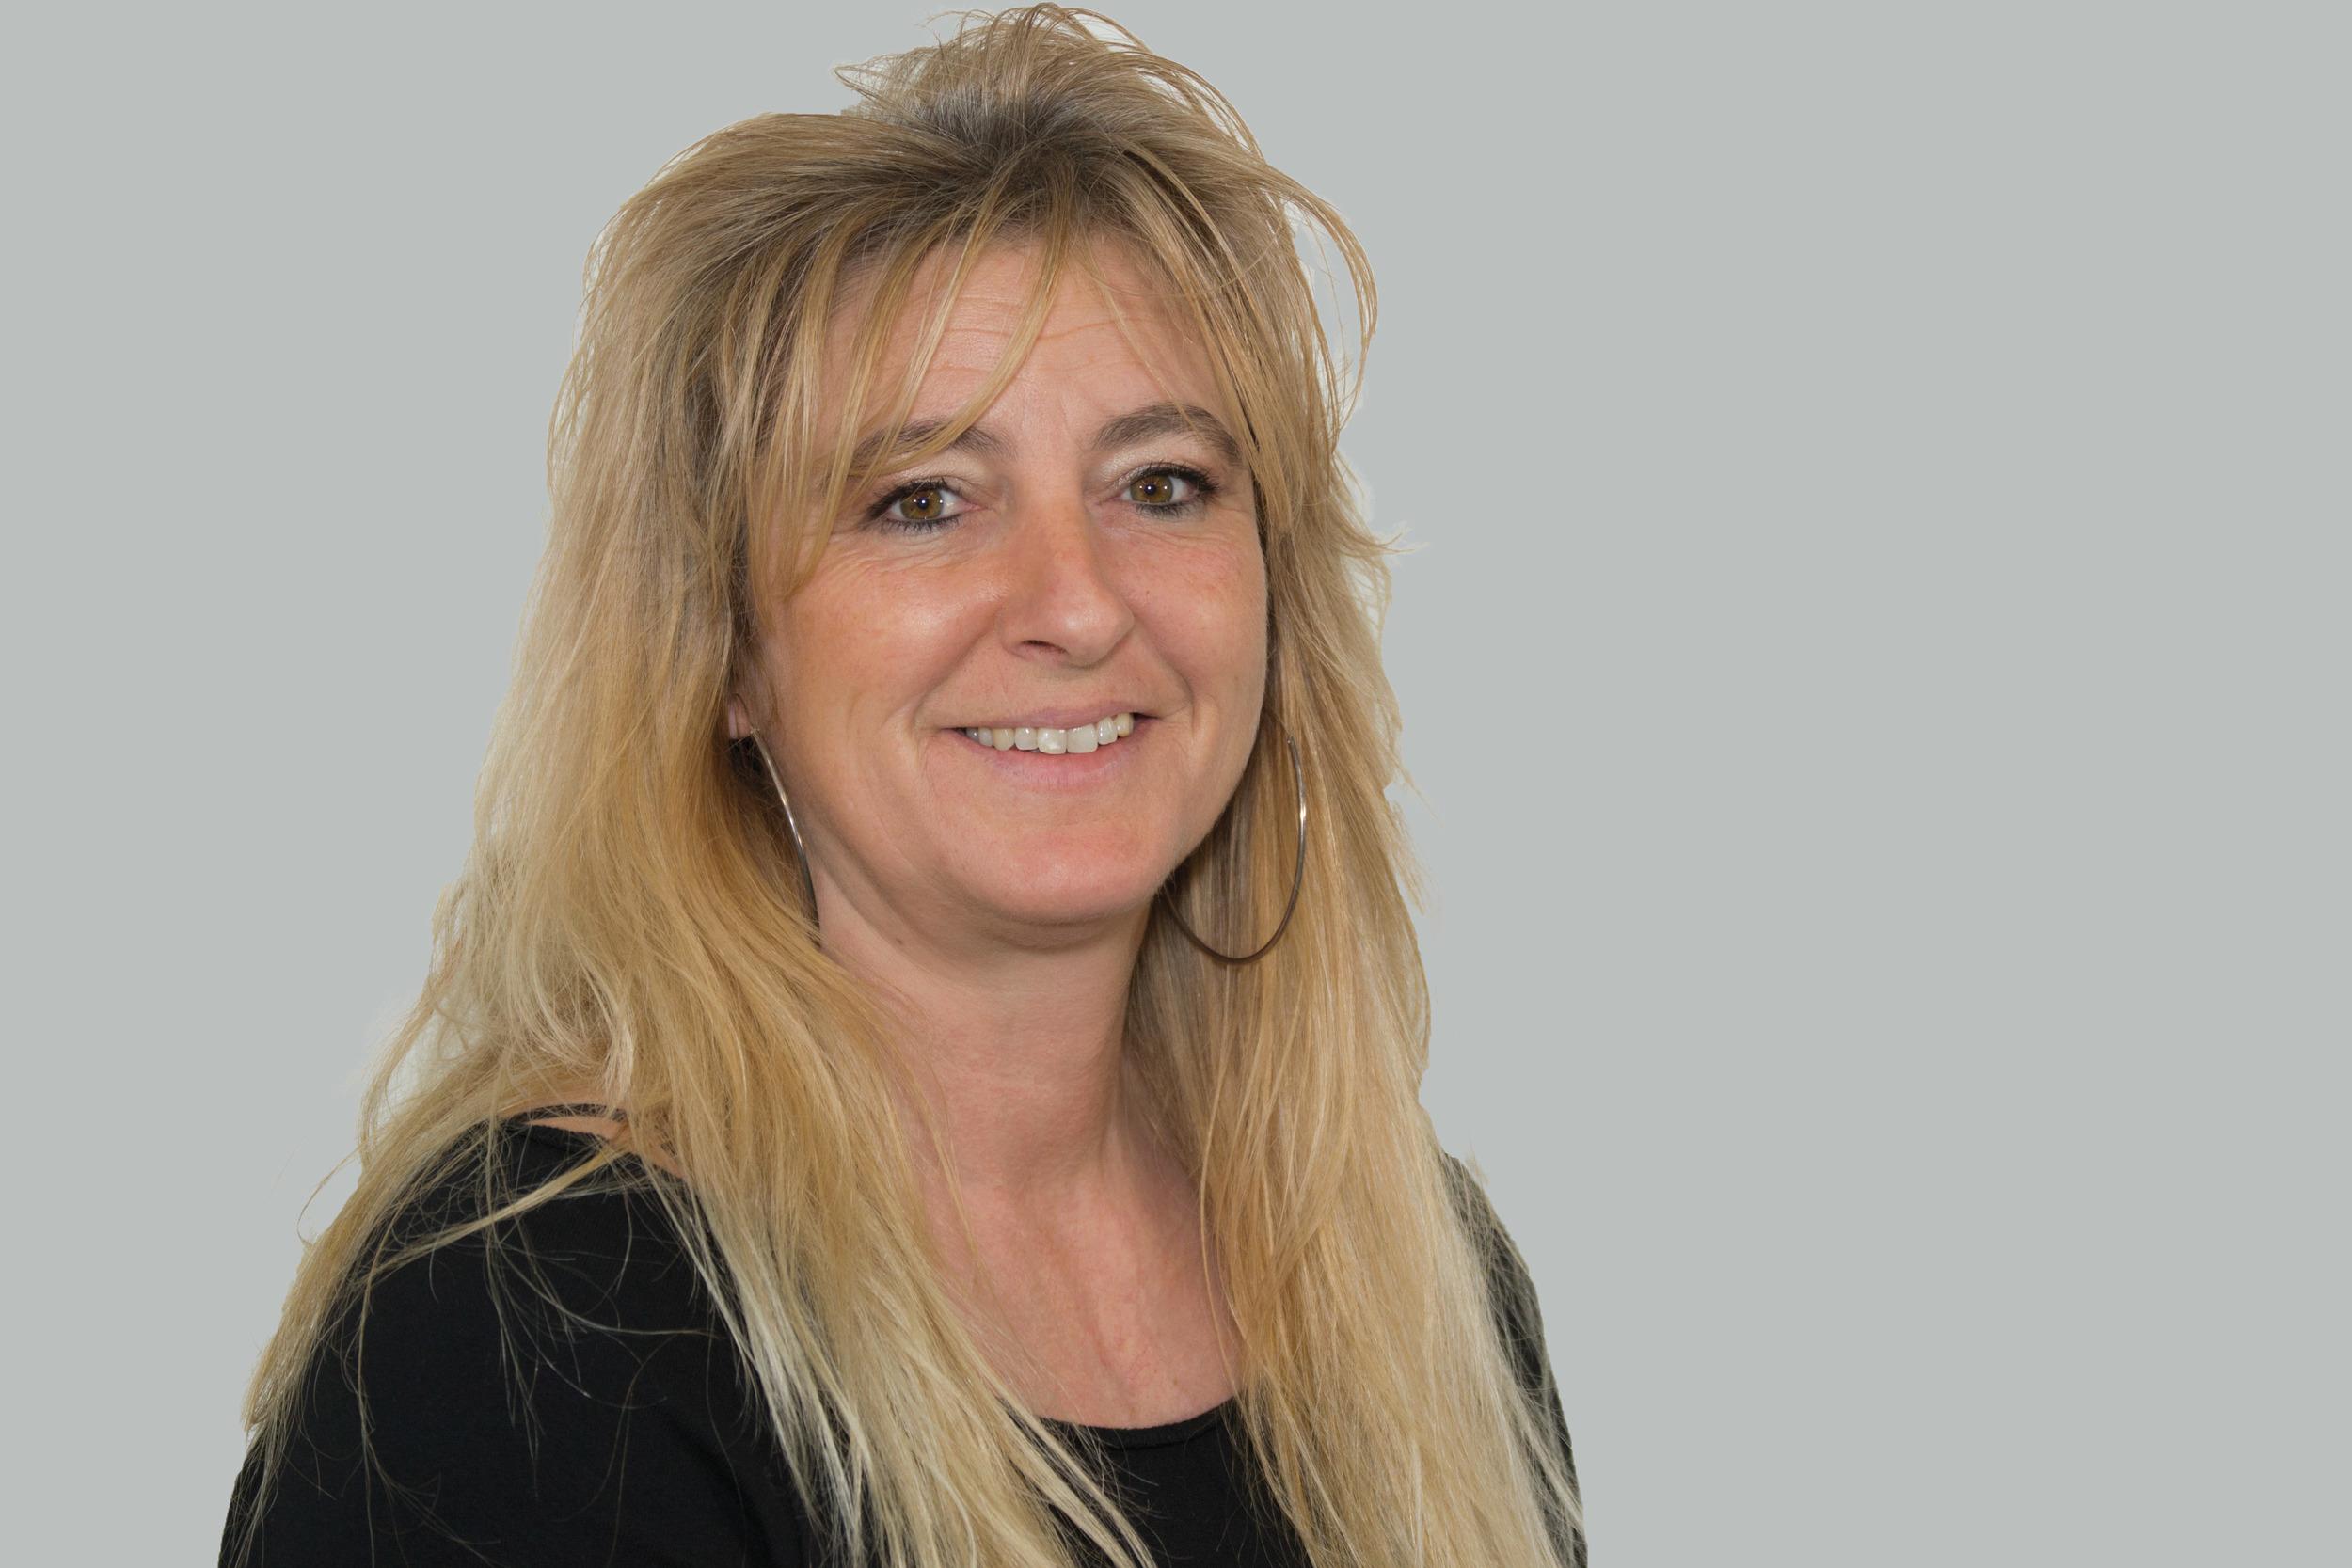 Nadia Carriot   Administration, Kundendienst, Annahme    Autolackiererin mit Fähigkeitszeugnis   Lieblingsfarbe: Orange Hobbies: Reitsport, Motorrad, Skifahren